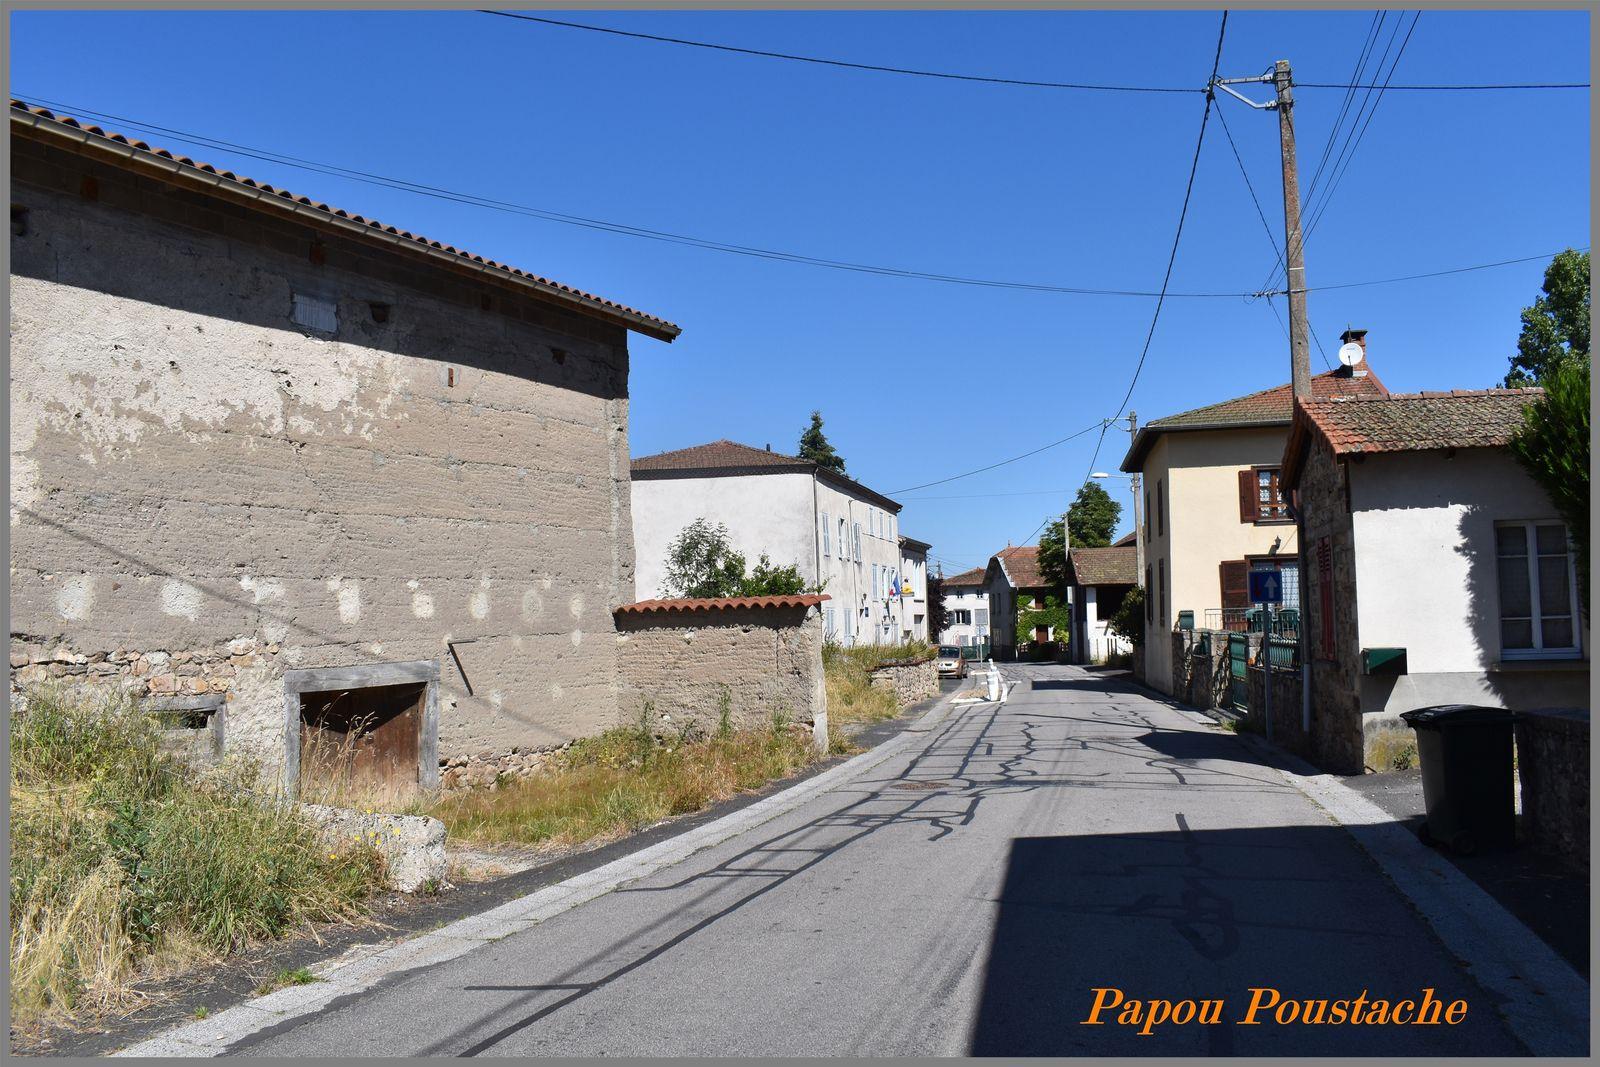 Chaumont Le Bourg